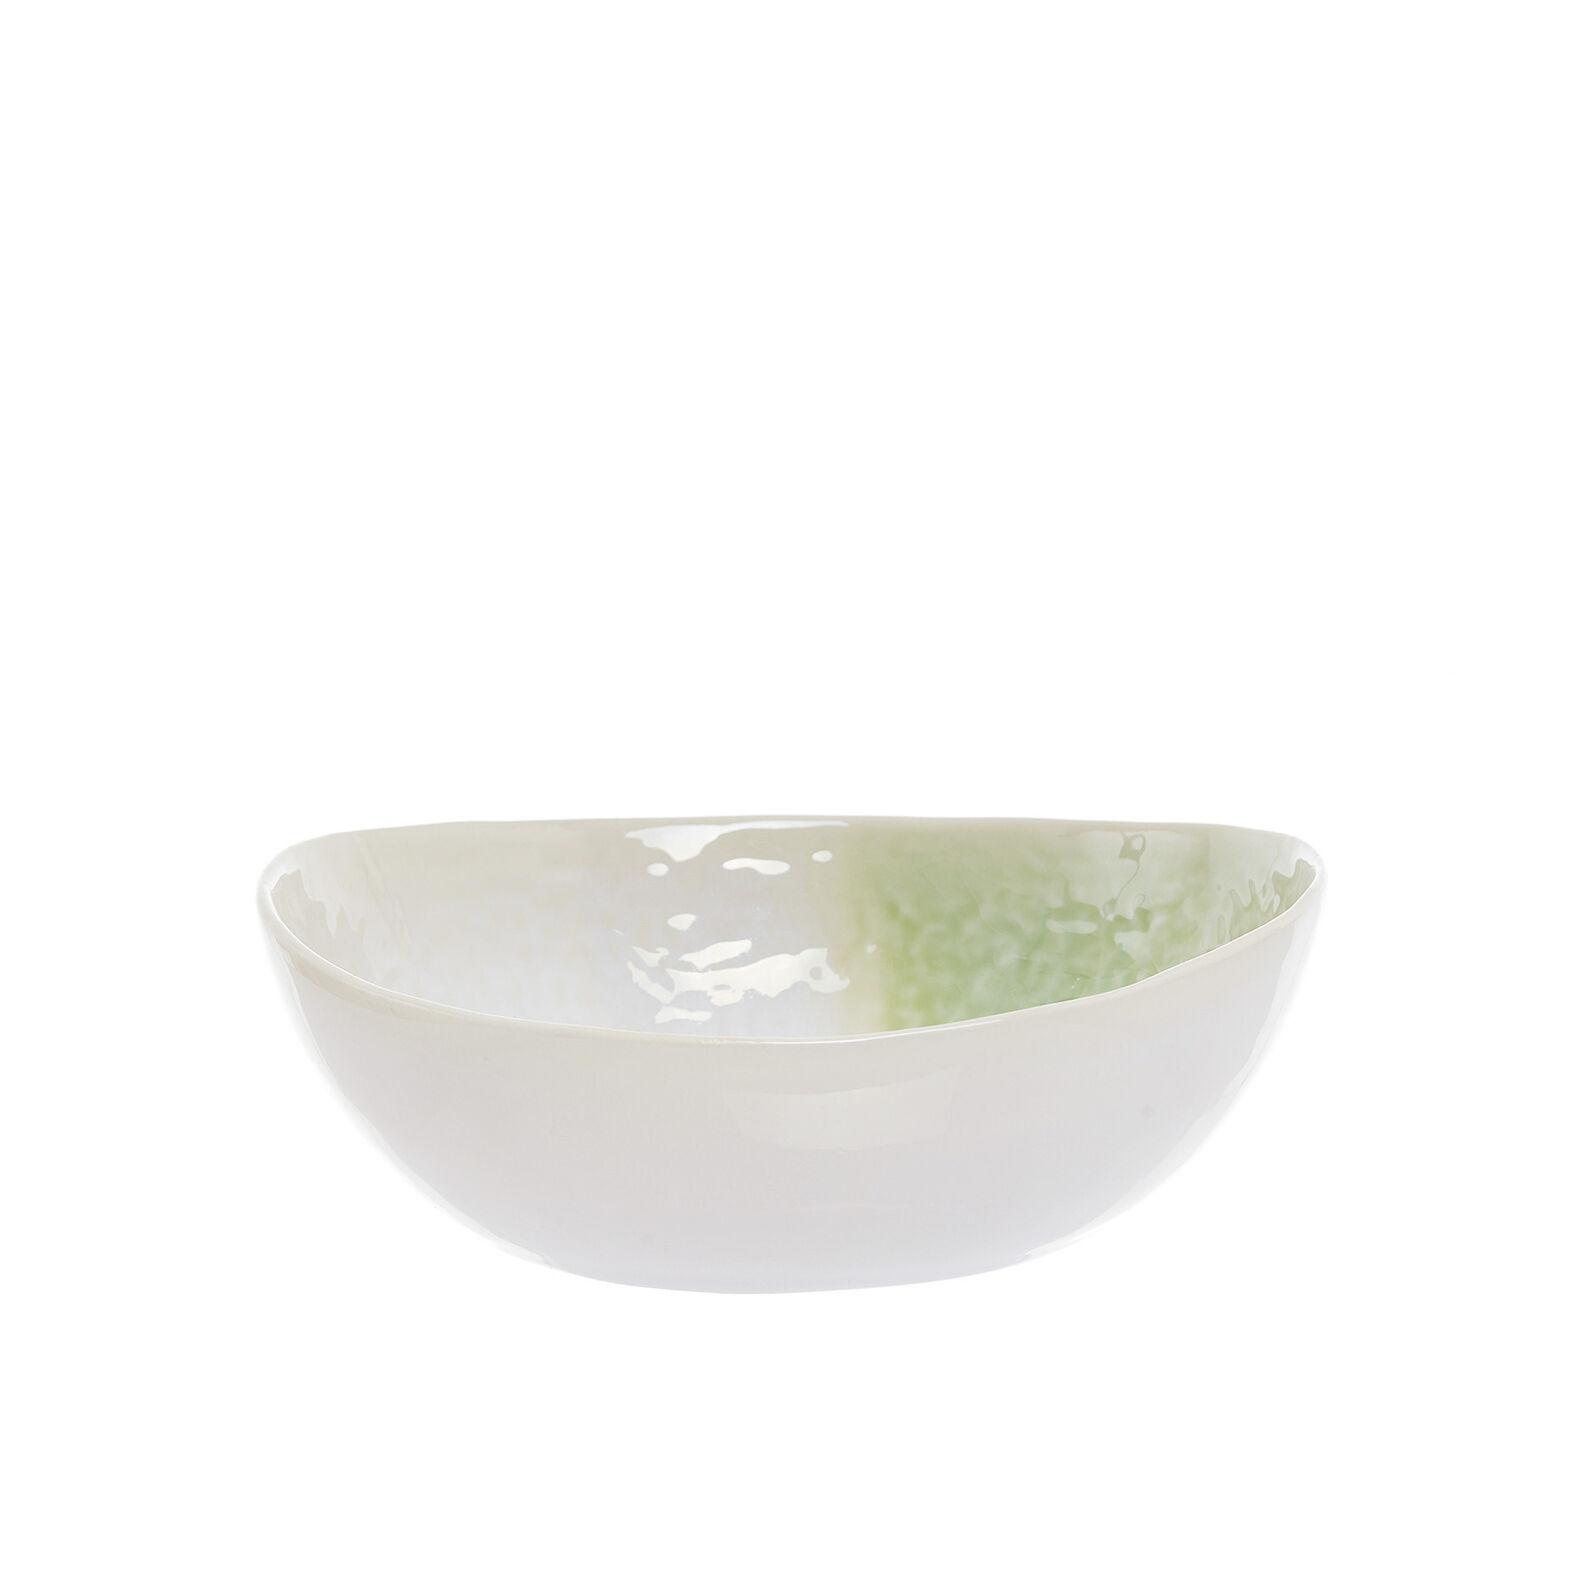 Claire ceramic soup bowl